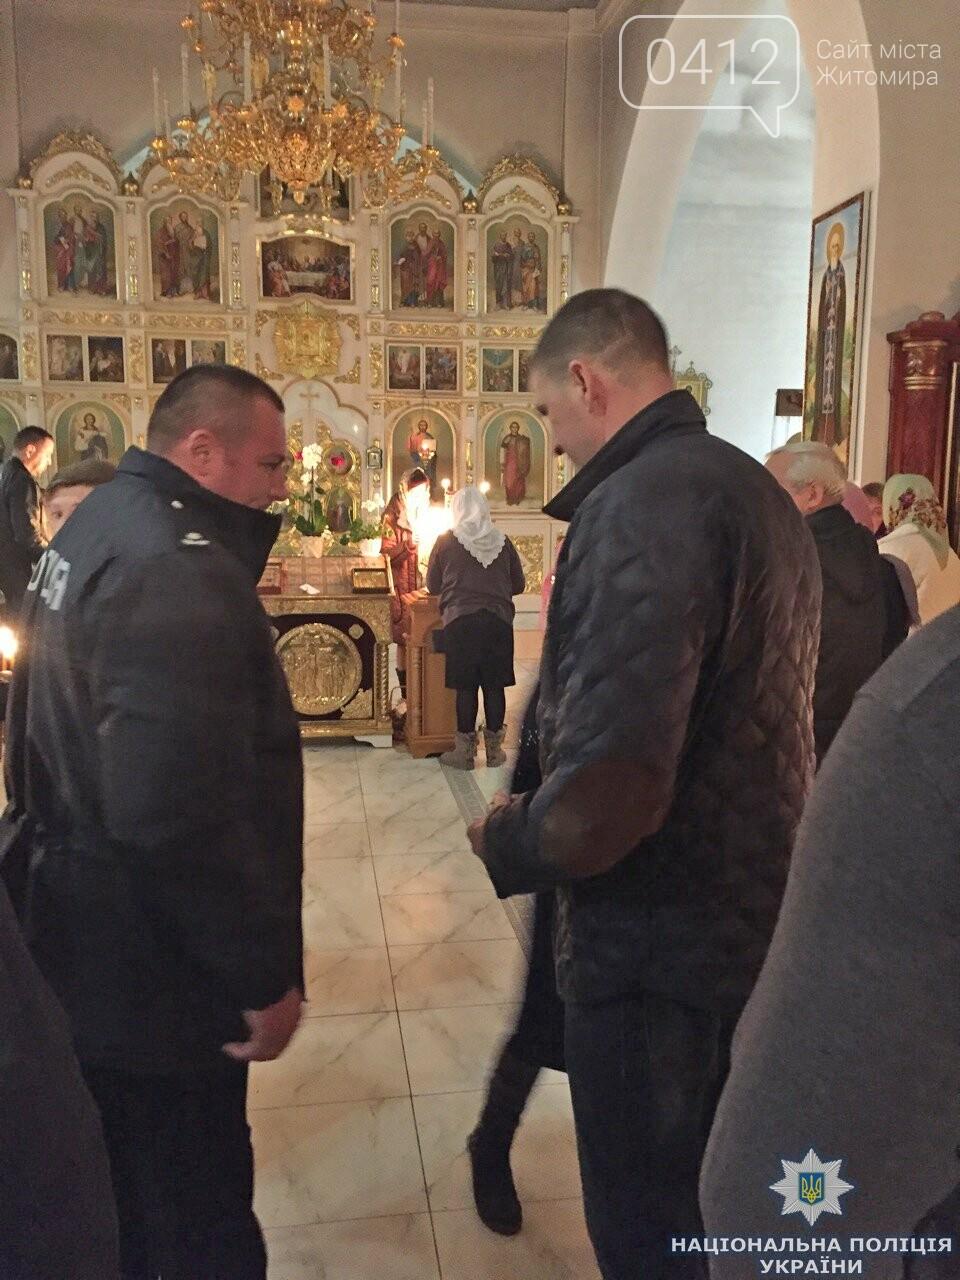 Великодні свята на Житомирщині проходять без грубих порушень публічного порядку, фото-3